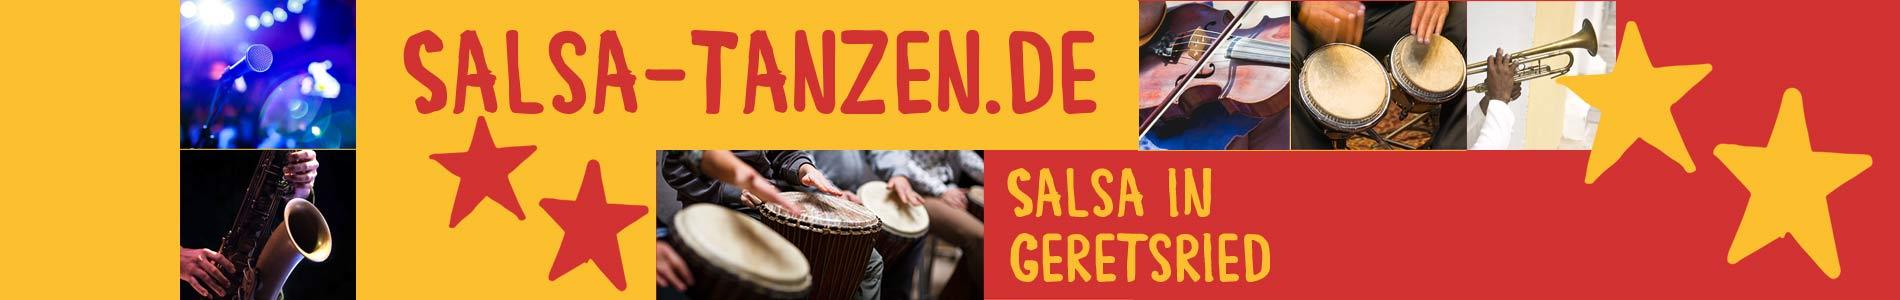 Salsa in Geretsried – Salsa lernen und tanzen, Tanzkurse, Partys, Veranstaltungen